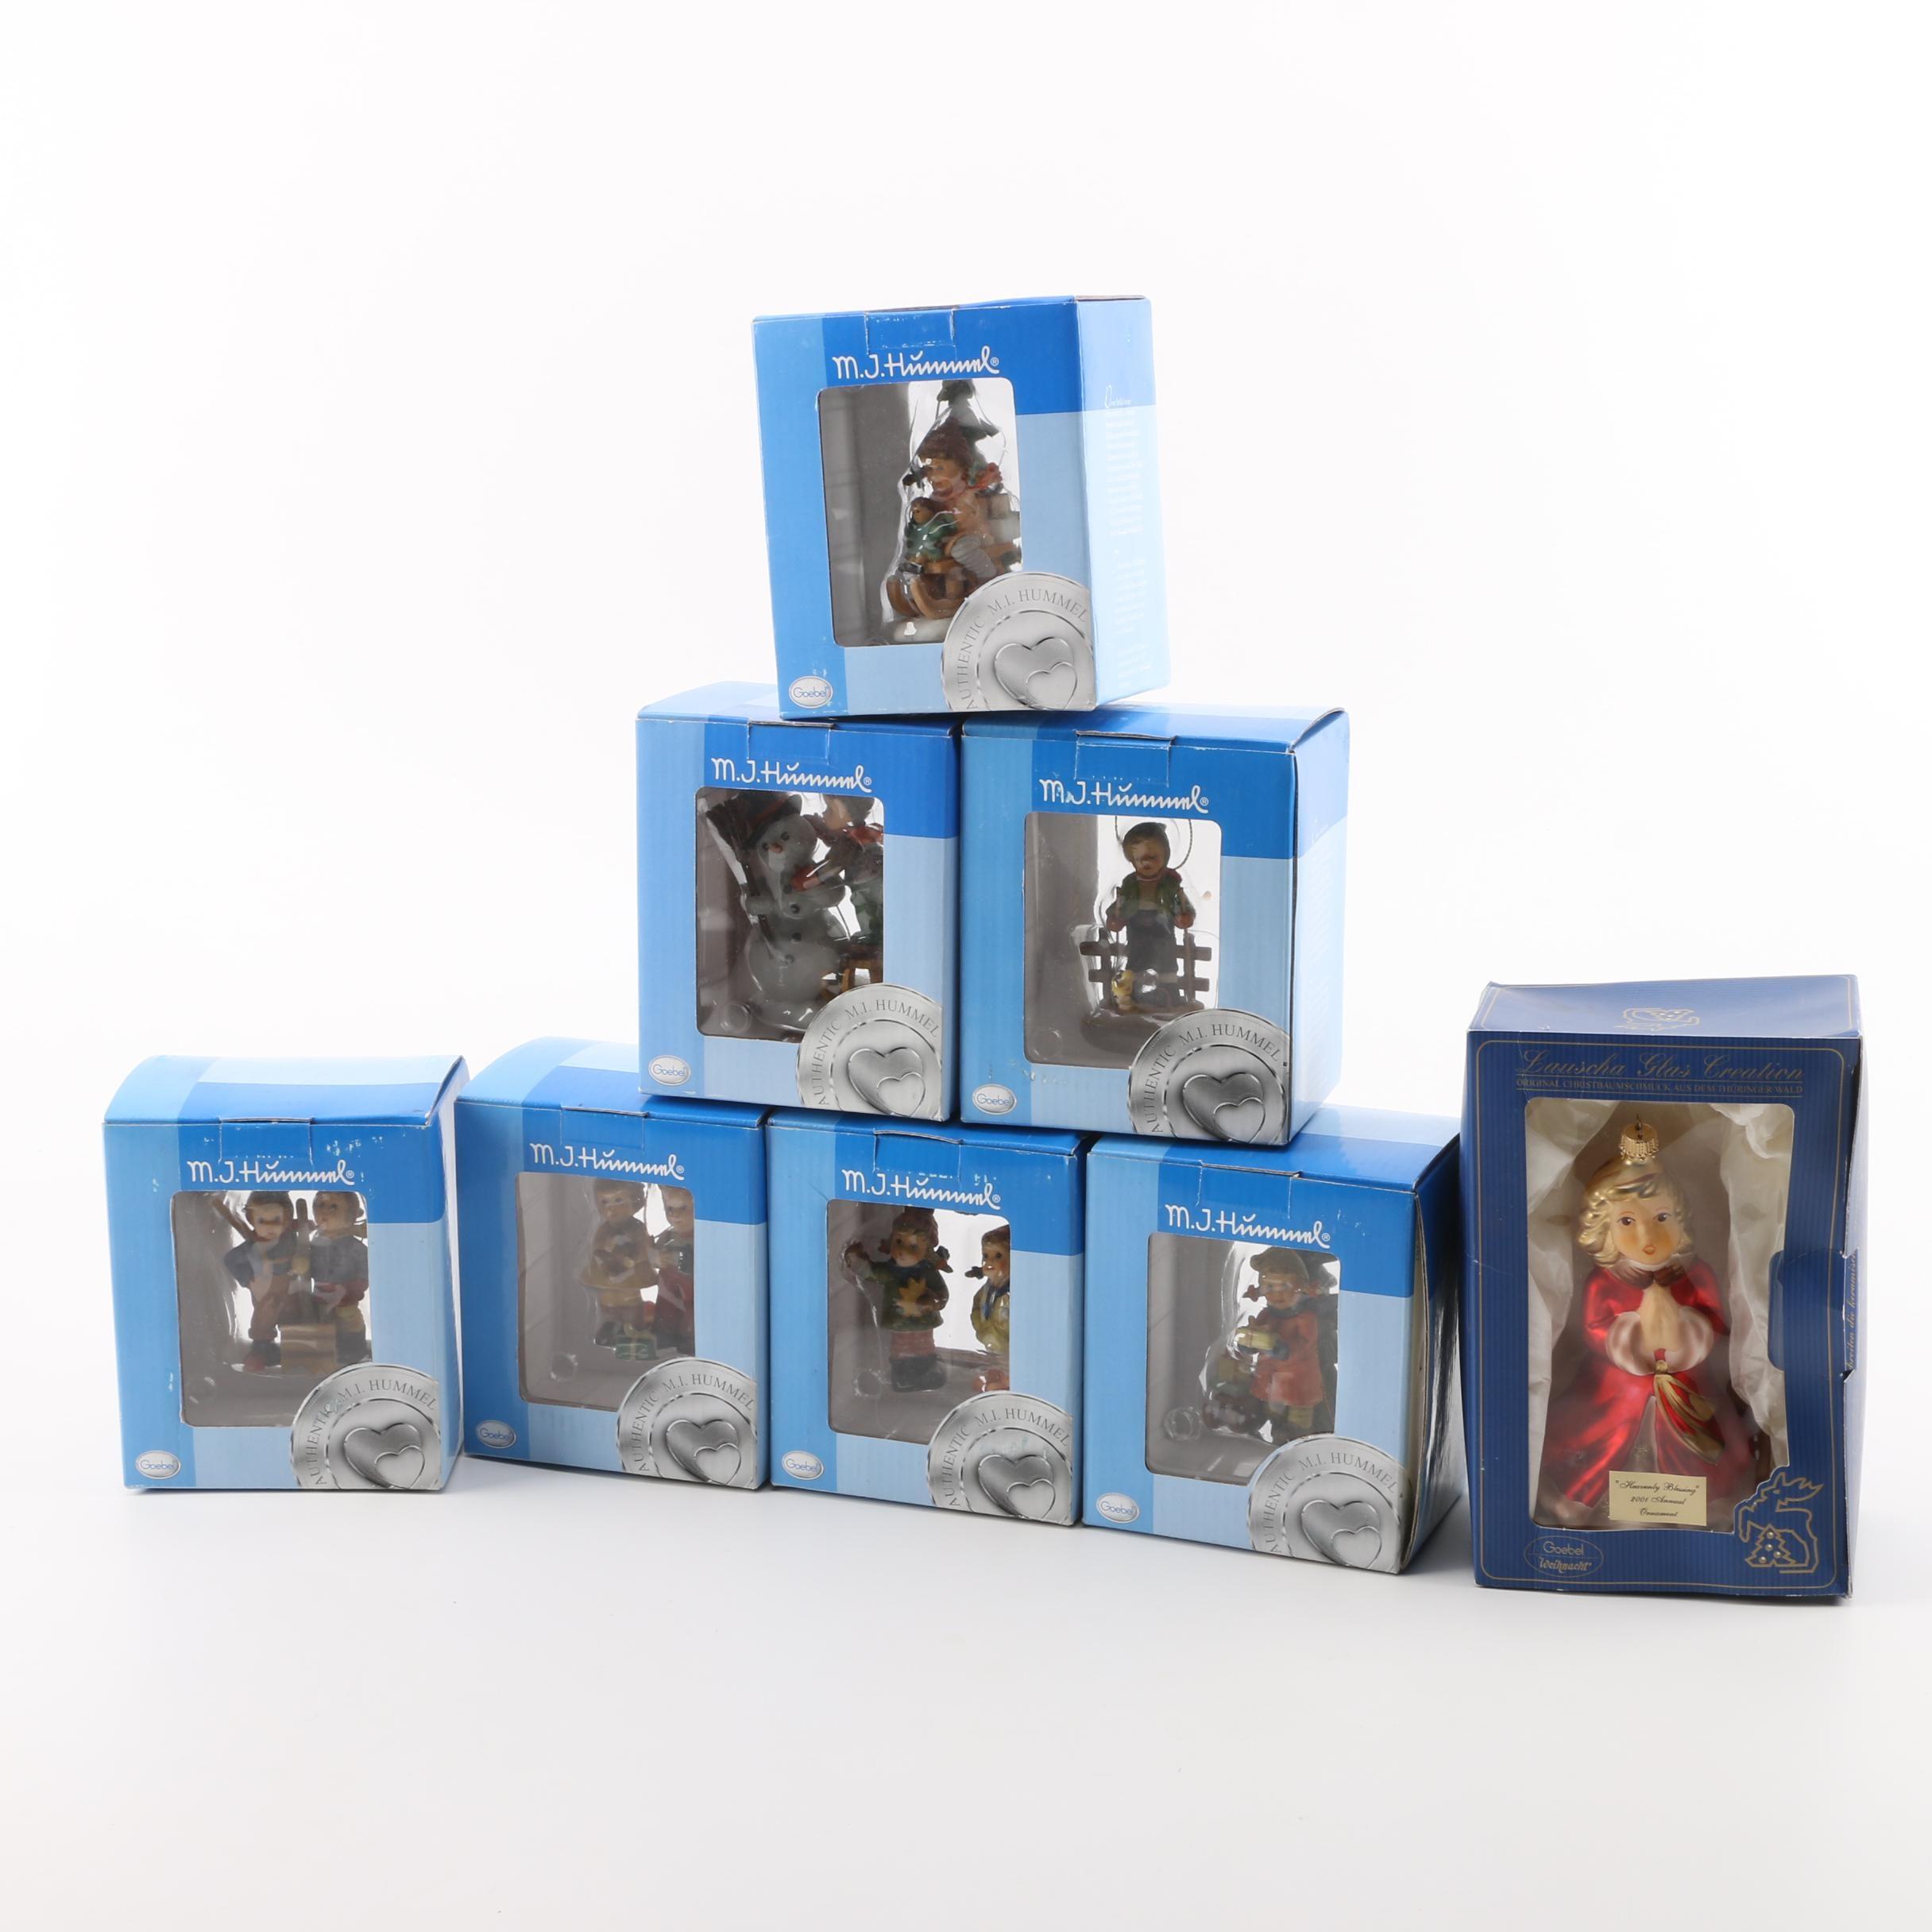 Boxed Goebel M.J. Hummel Ornaments